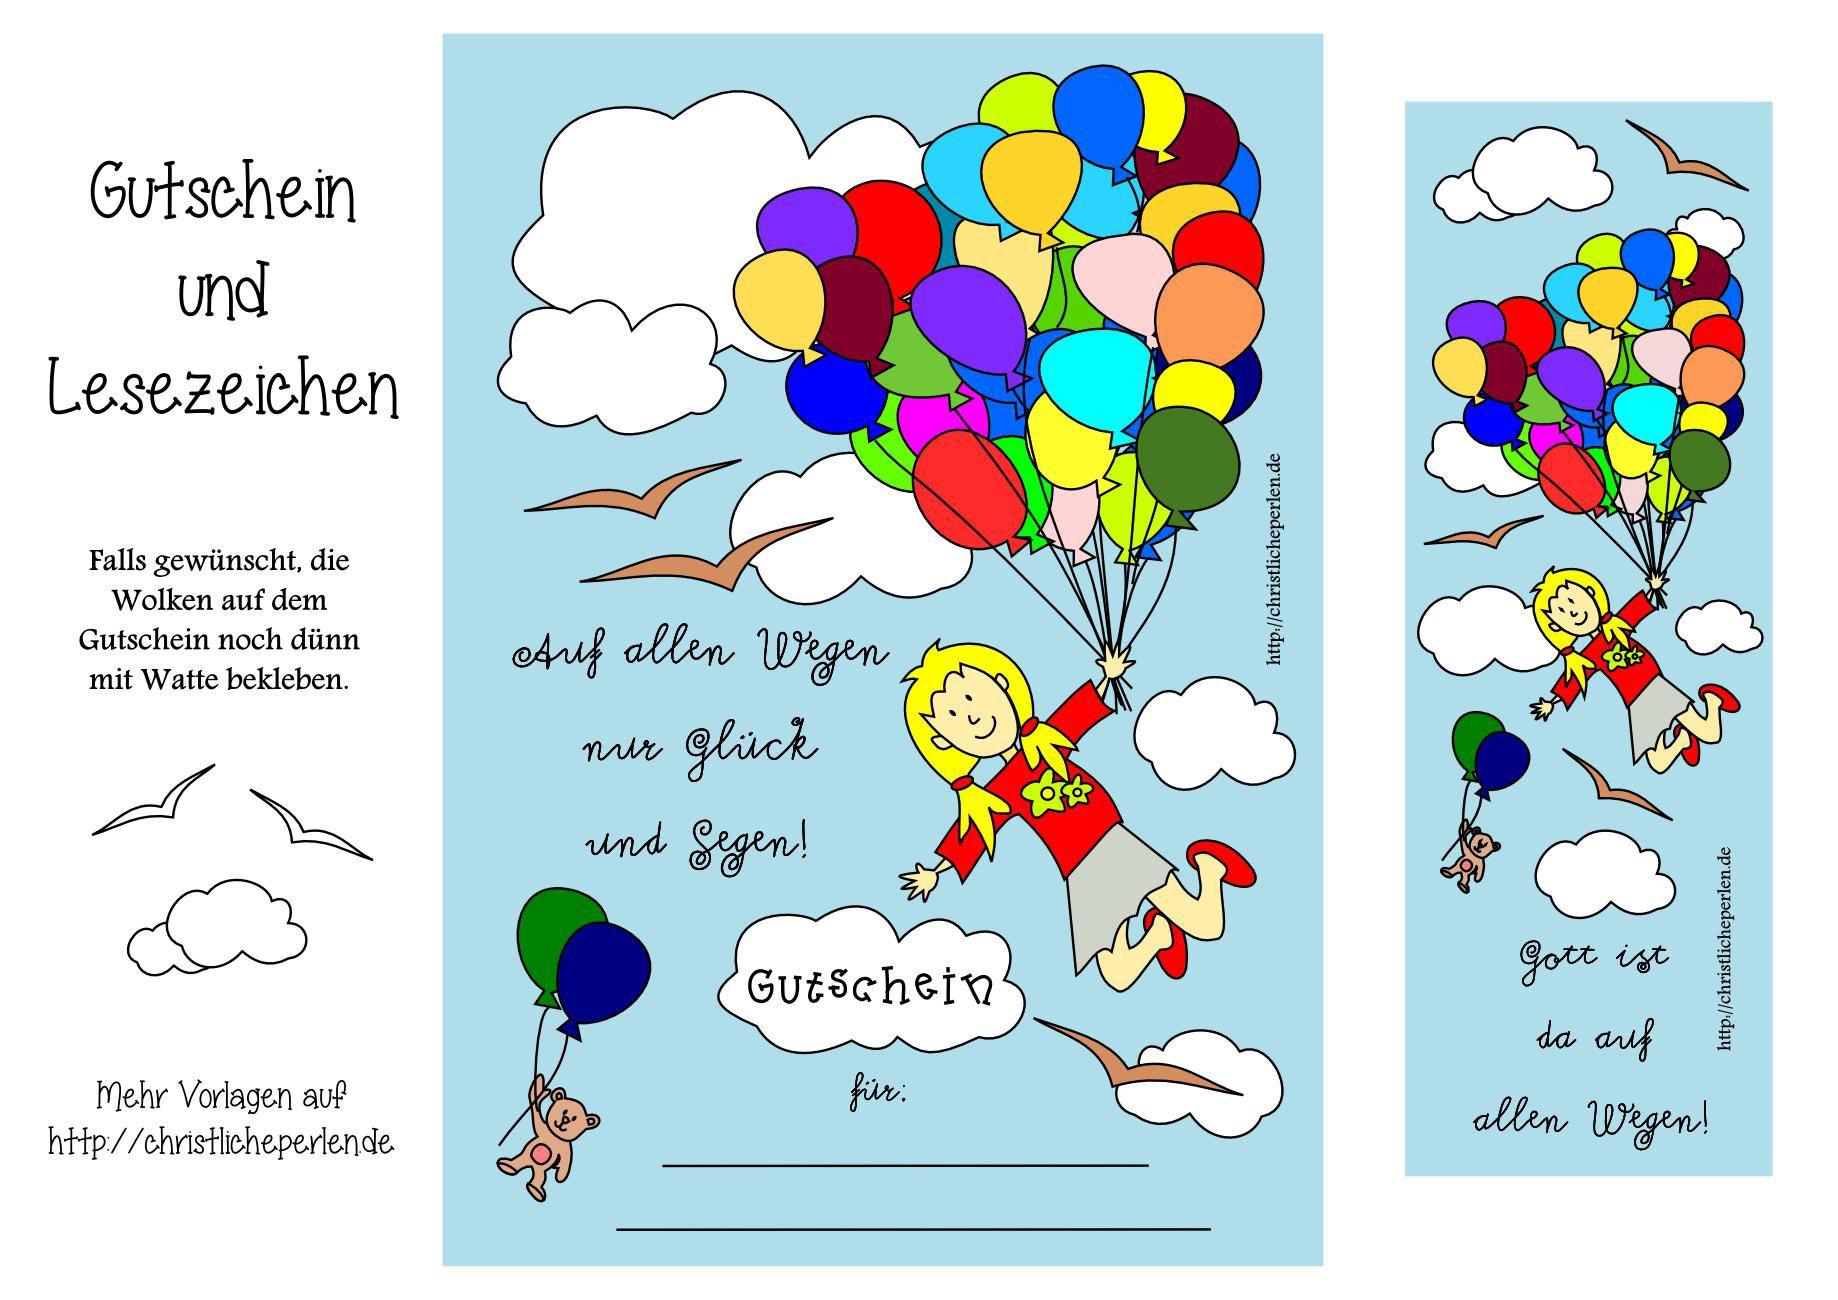 Geburtstagskarten Zum Ausdrucken Für Männer  Geburtstagskarten Zum Ausdrucken Für Männer